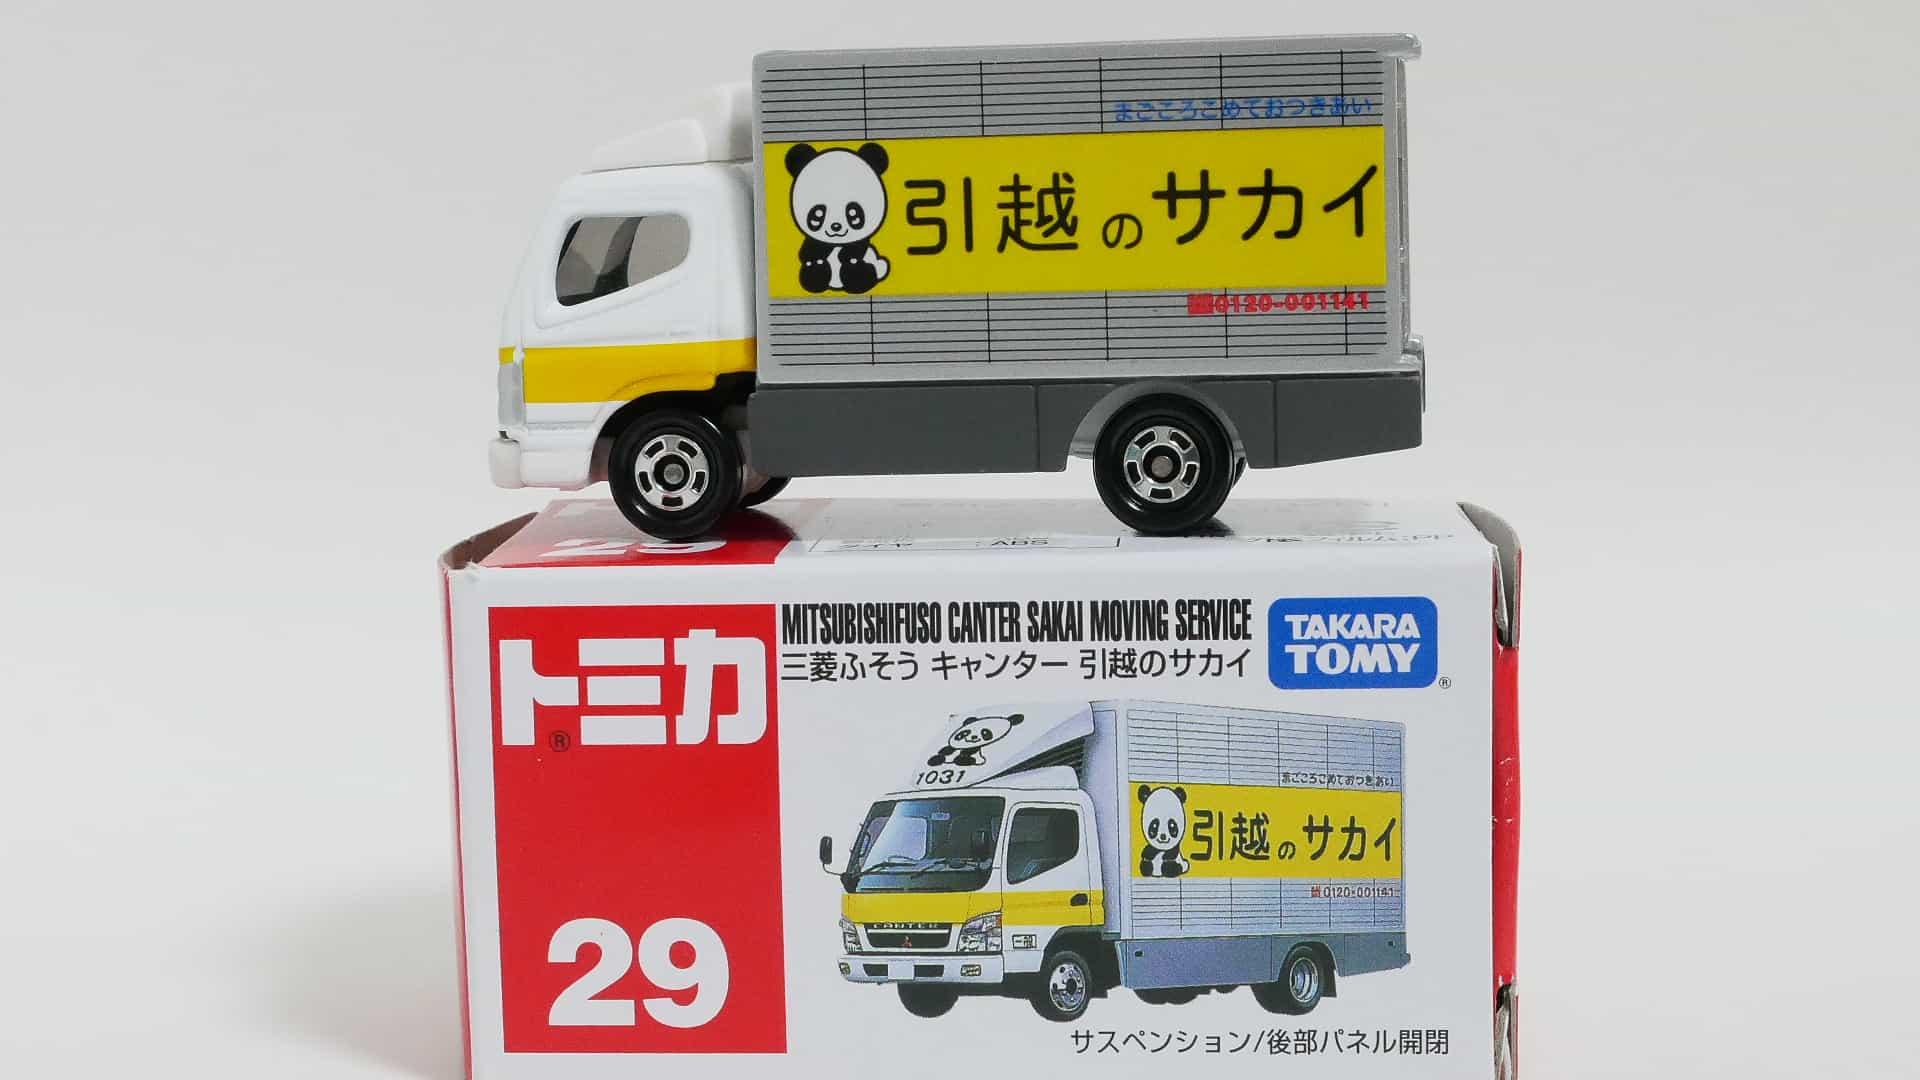 トミカNo.29-3三菱ふそうキャンター引越のサカイ箱